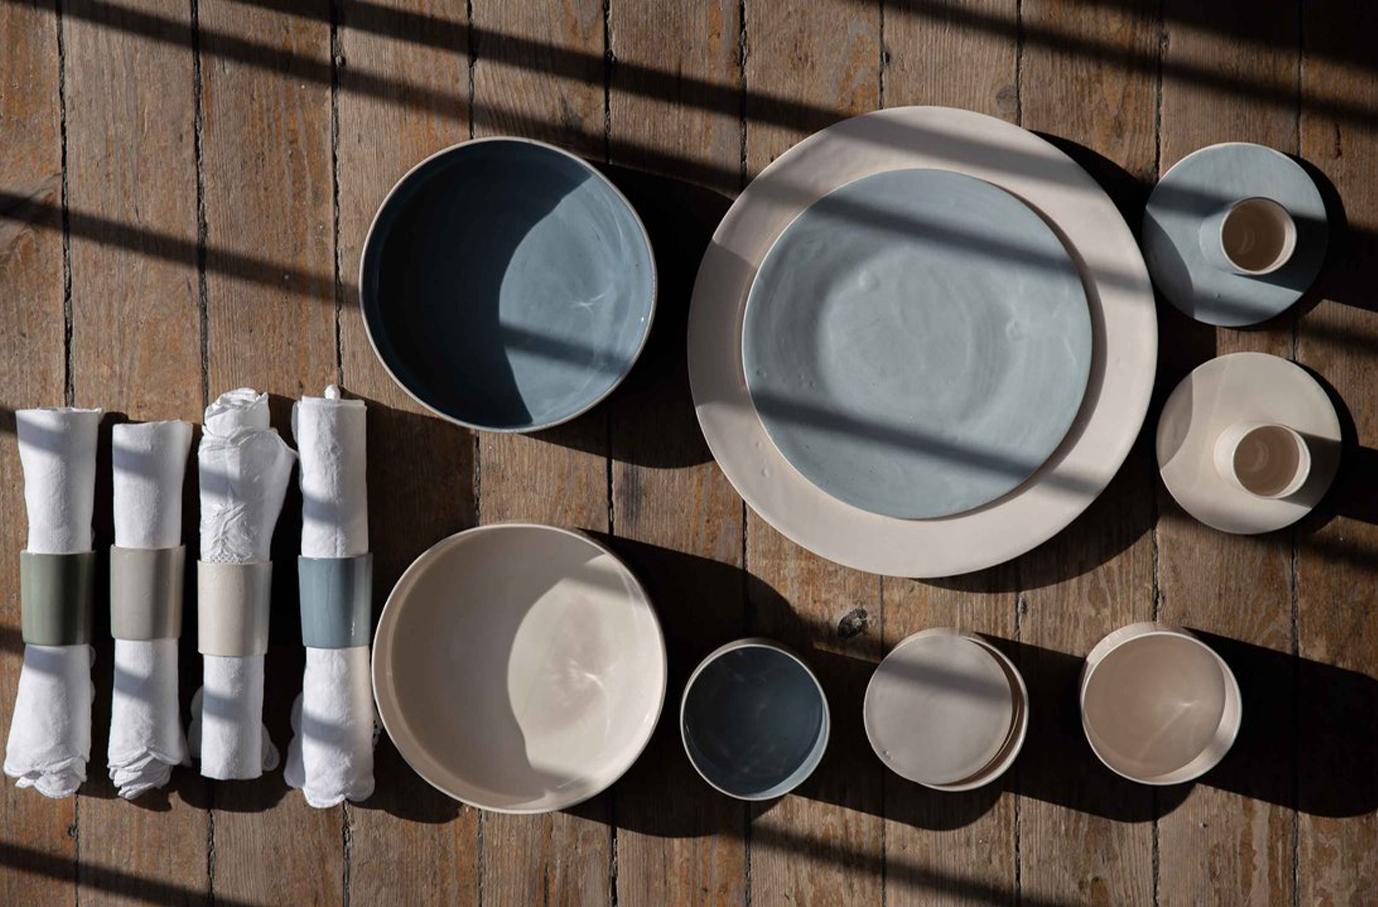 Reshape Ceramics